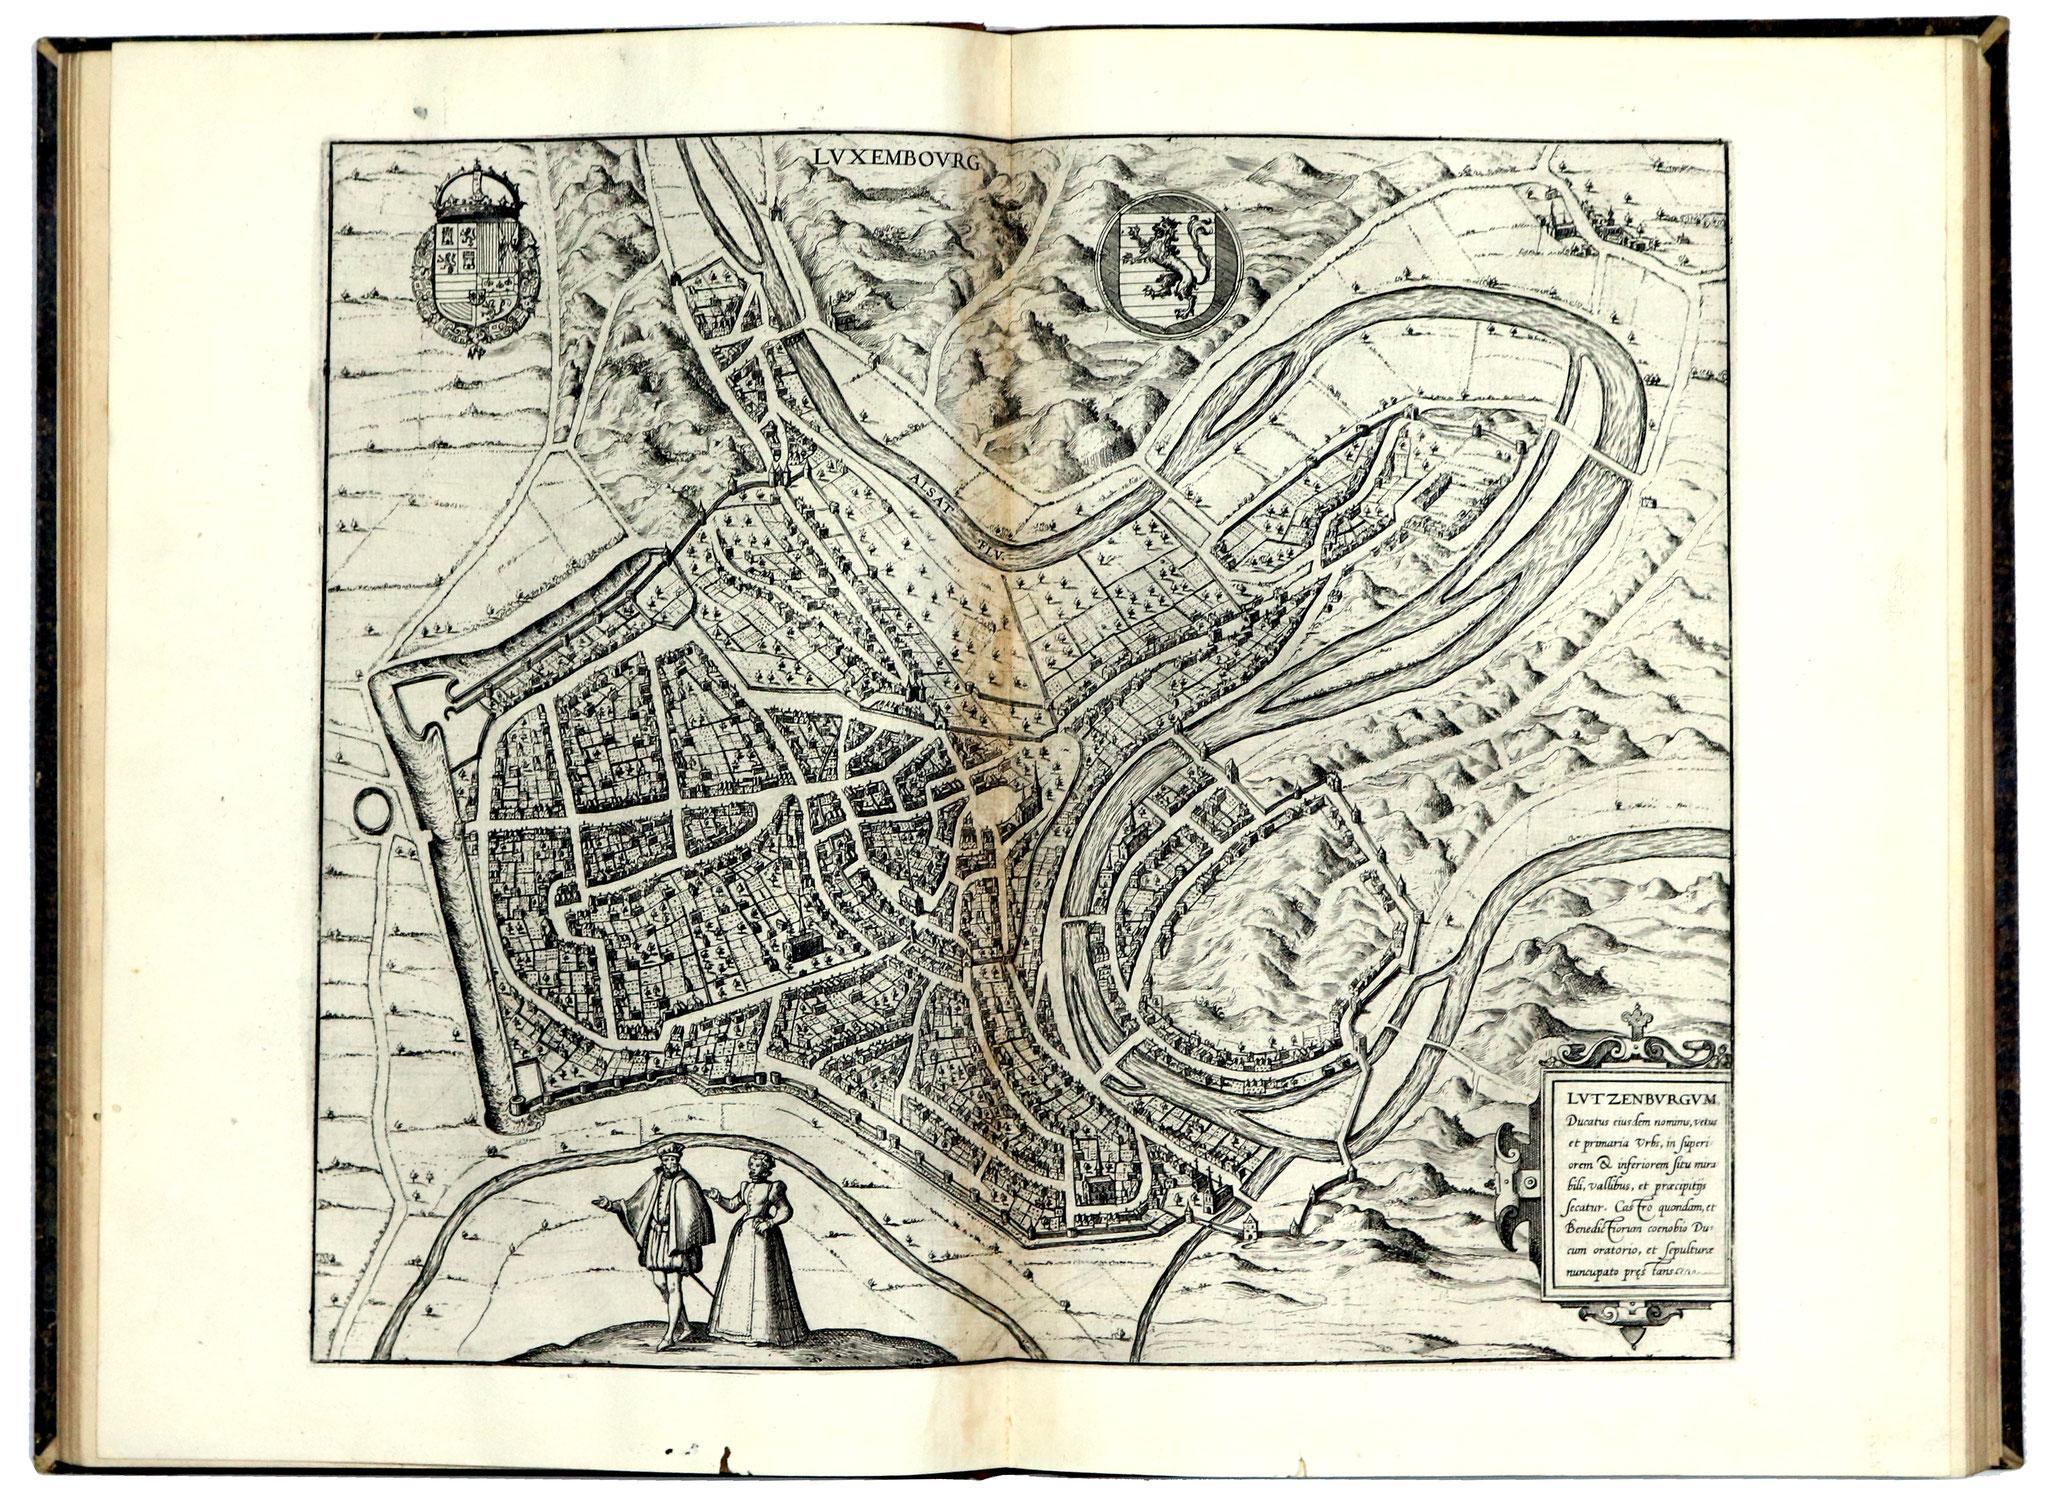 Adjugé 87 750 € - ATLAS de BRAUN & HOGENBERG, Théâtre des Cités du Monde, 4 volumes in folio, Cologne 1574